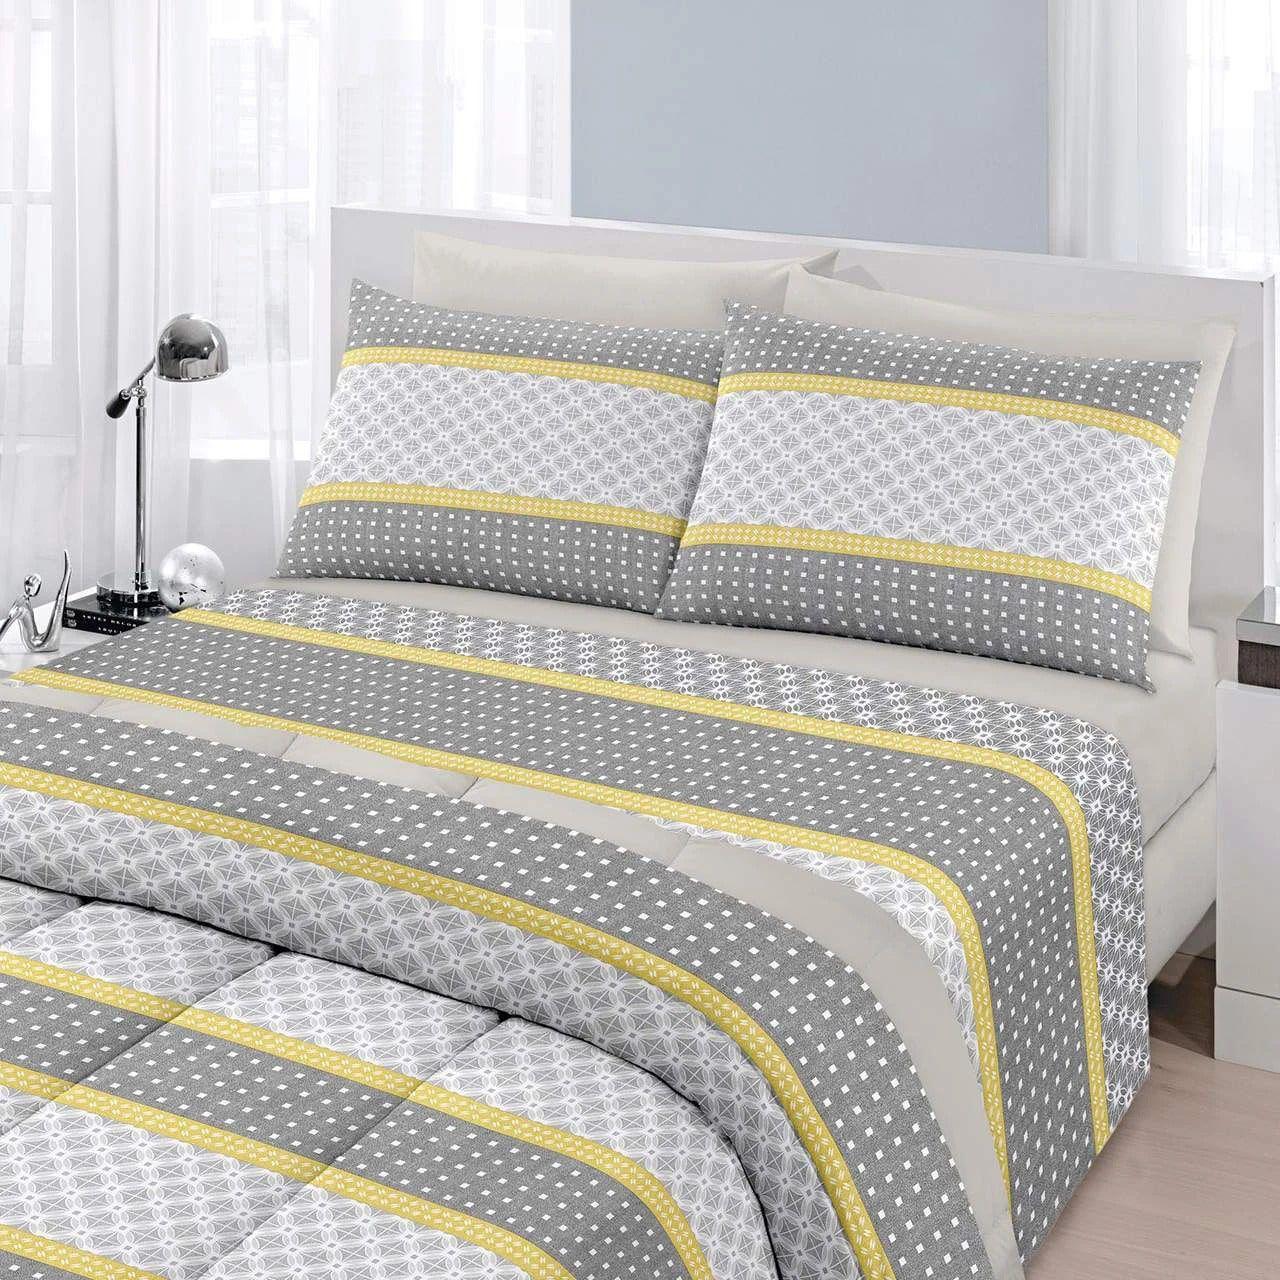 Jogo de cama king Royal Berlin 1 100% algodão estampado - Santista